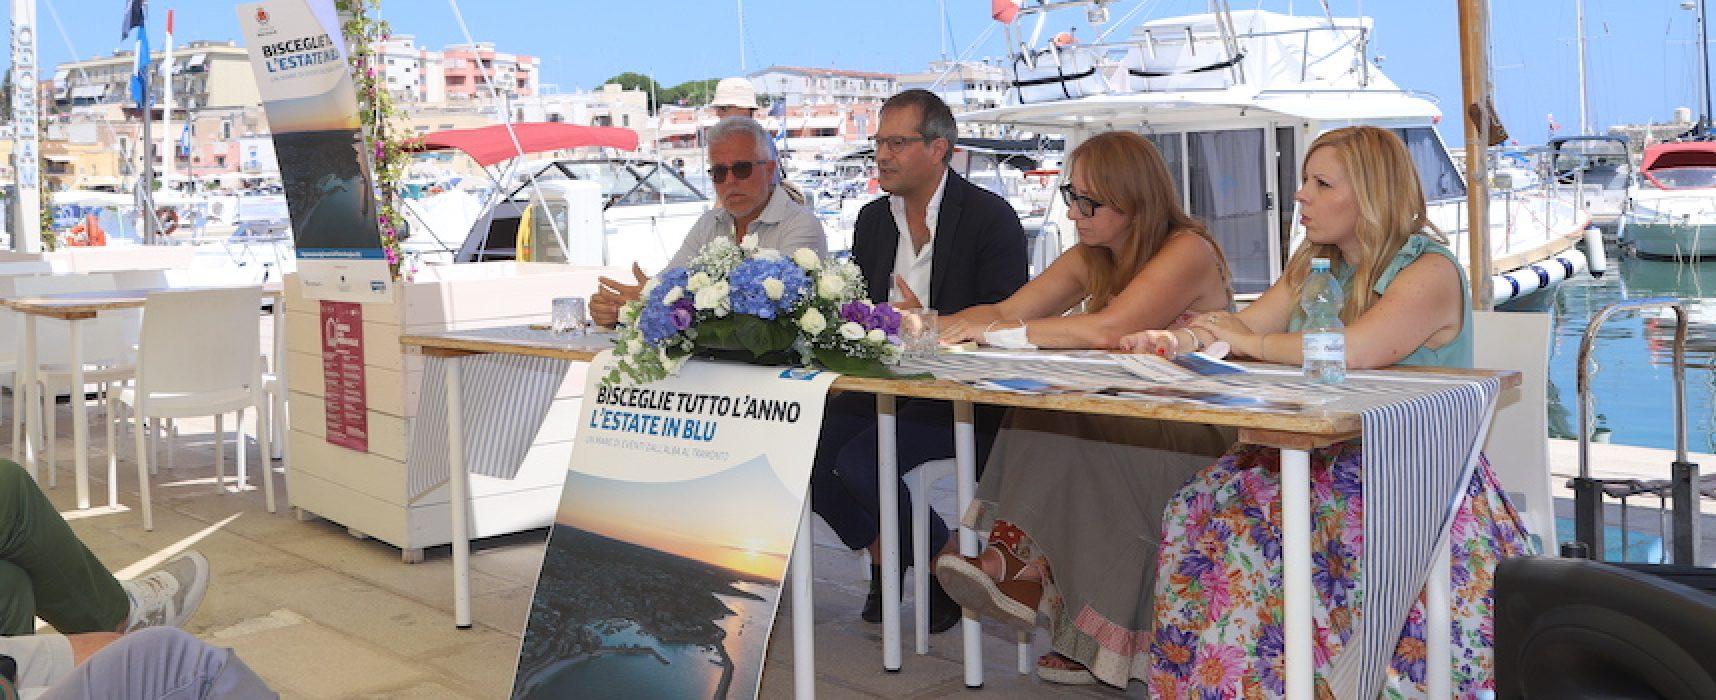 """""""L'Estate in Blu"""": presentato PROGRAMMA eventi estivi a Bisceglie fino a settembre"""